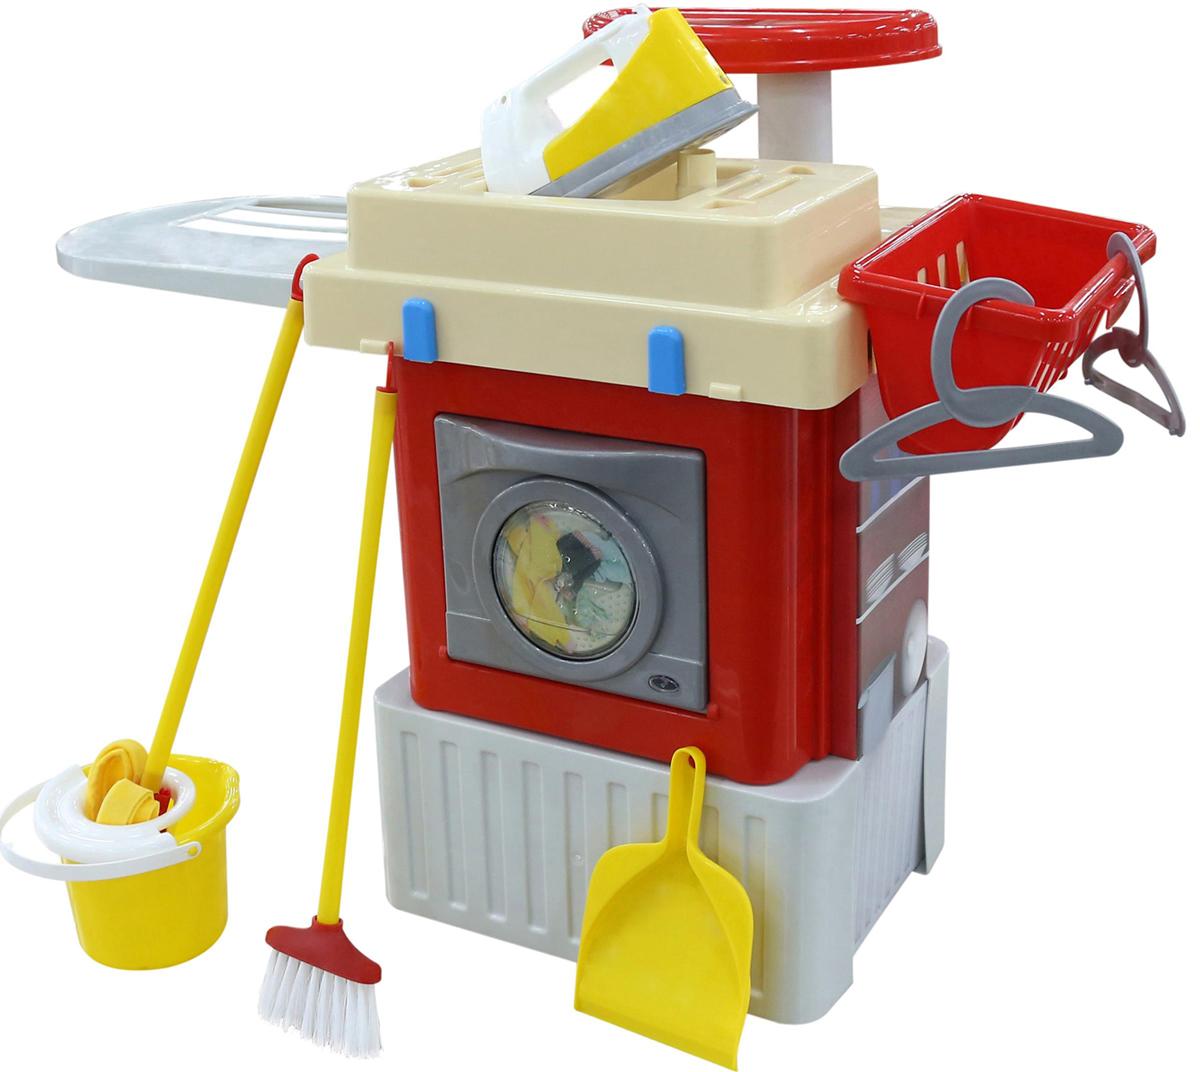 Фото - Полесье Игровой набор со стиральной машиной Infinity Basic №3, цвет в ассортименте полесье набор игрушек для песочницы 468 цвет в ассортименте